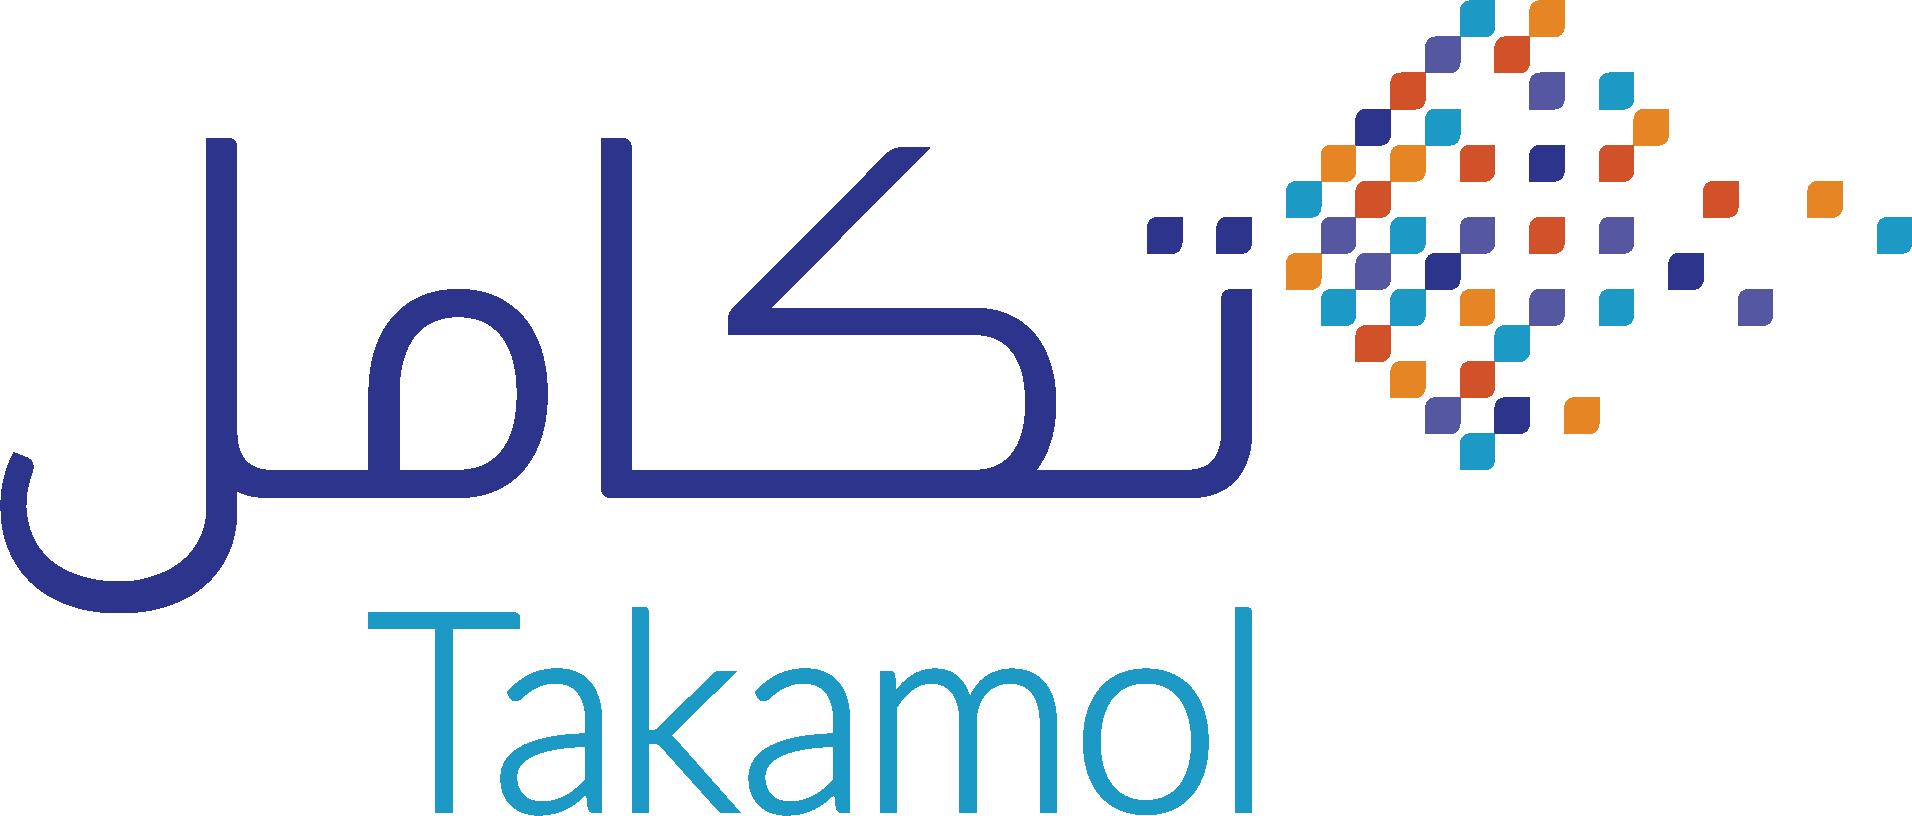 takamol-logo.png